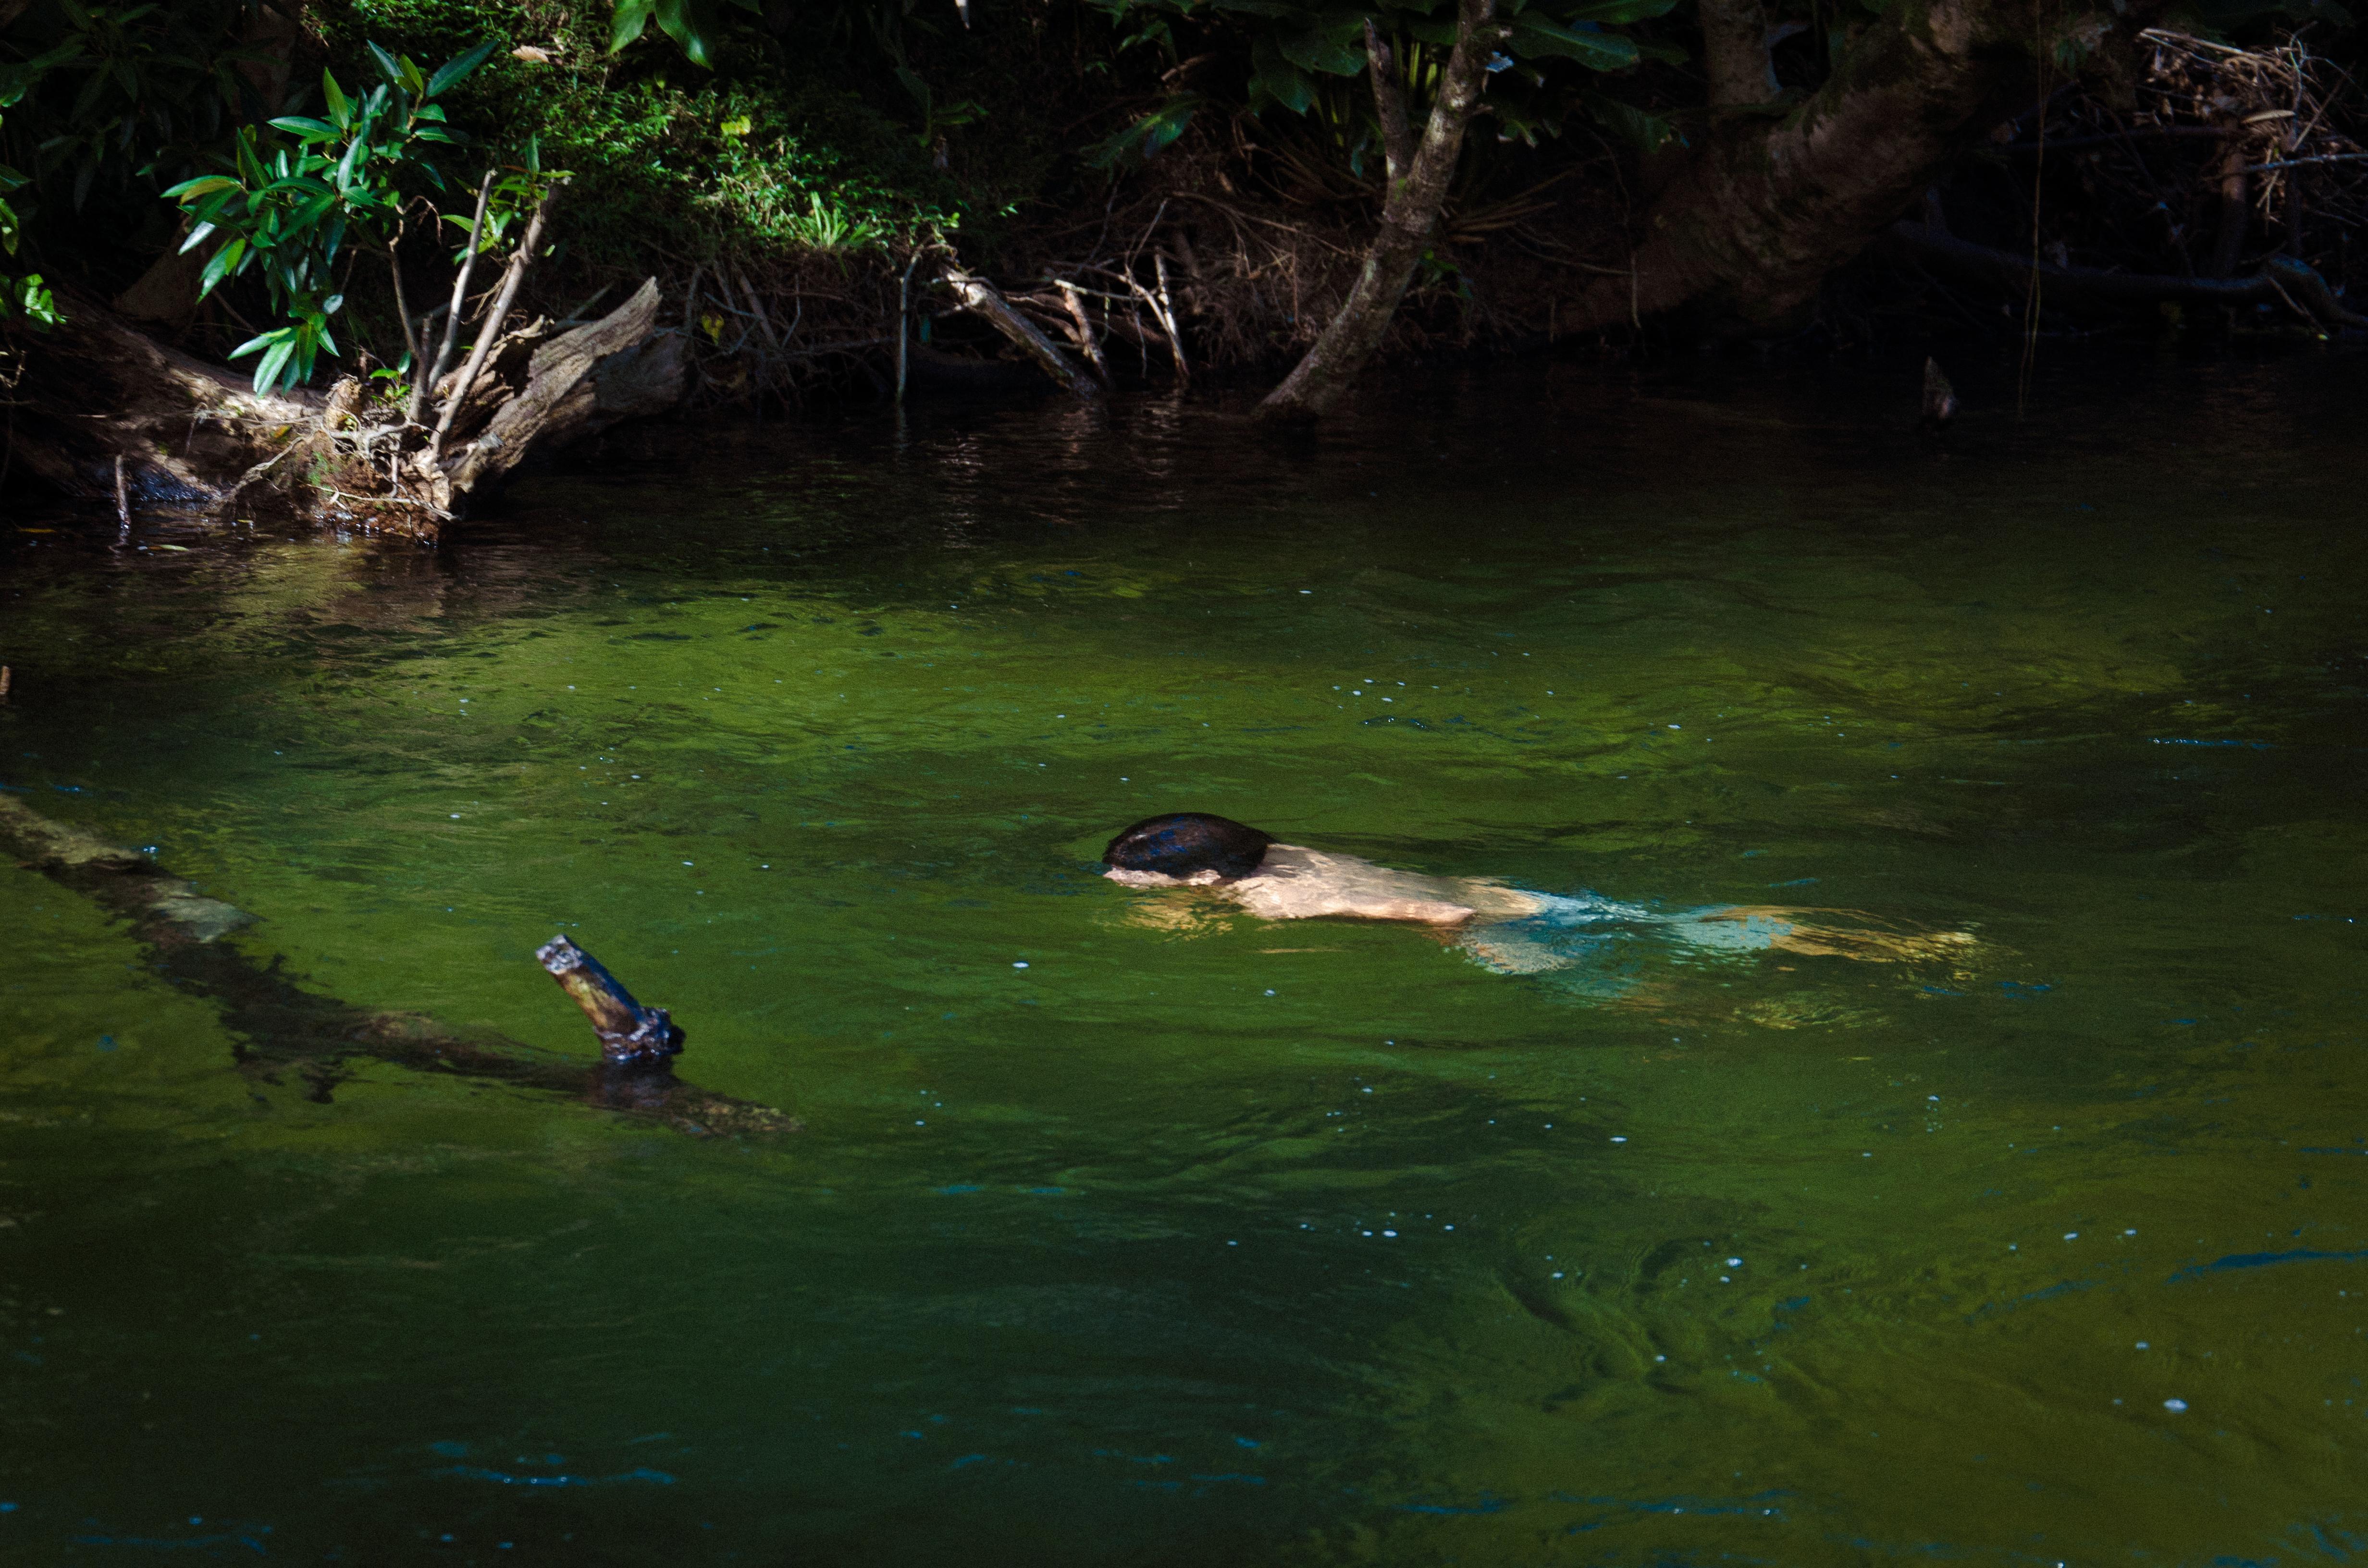 Curumim nadando no rio